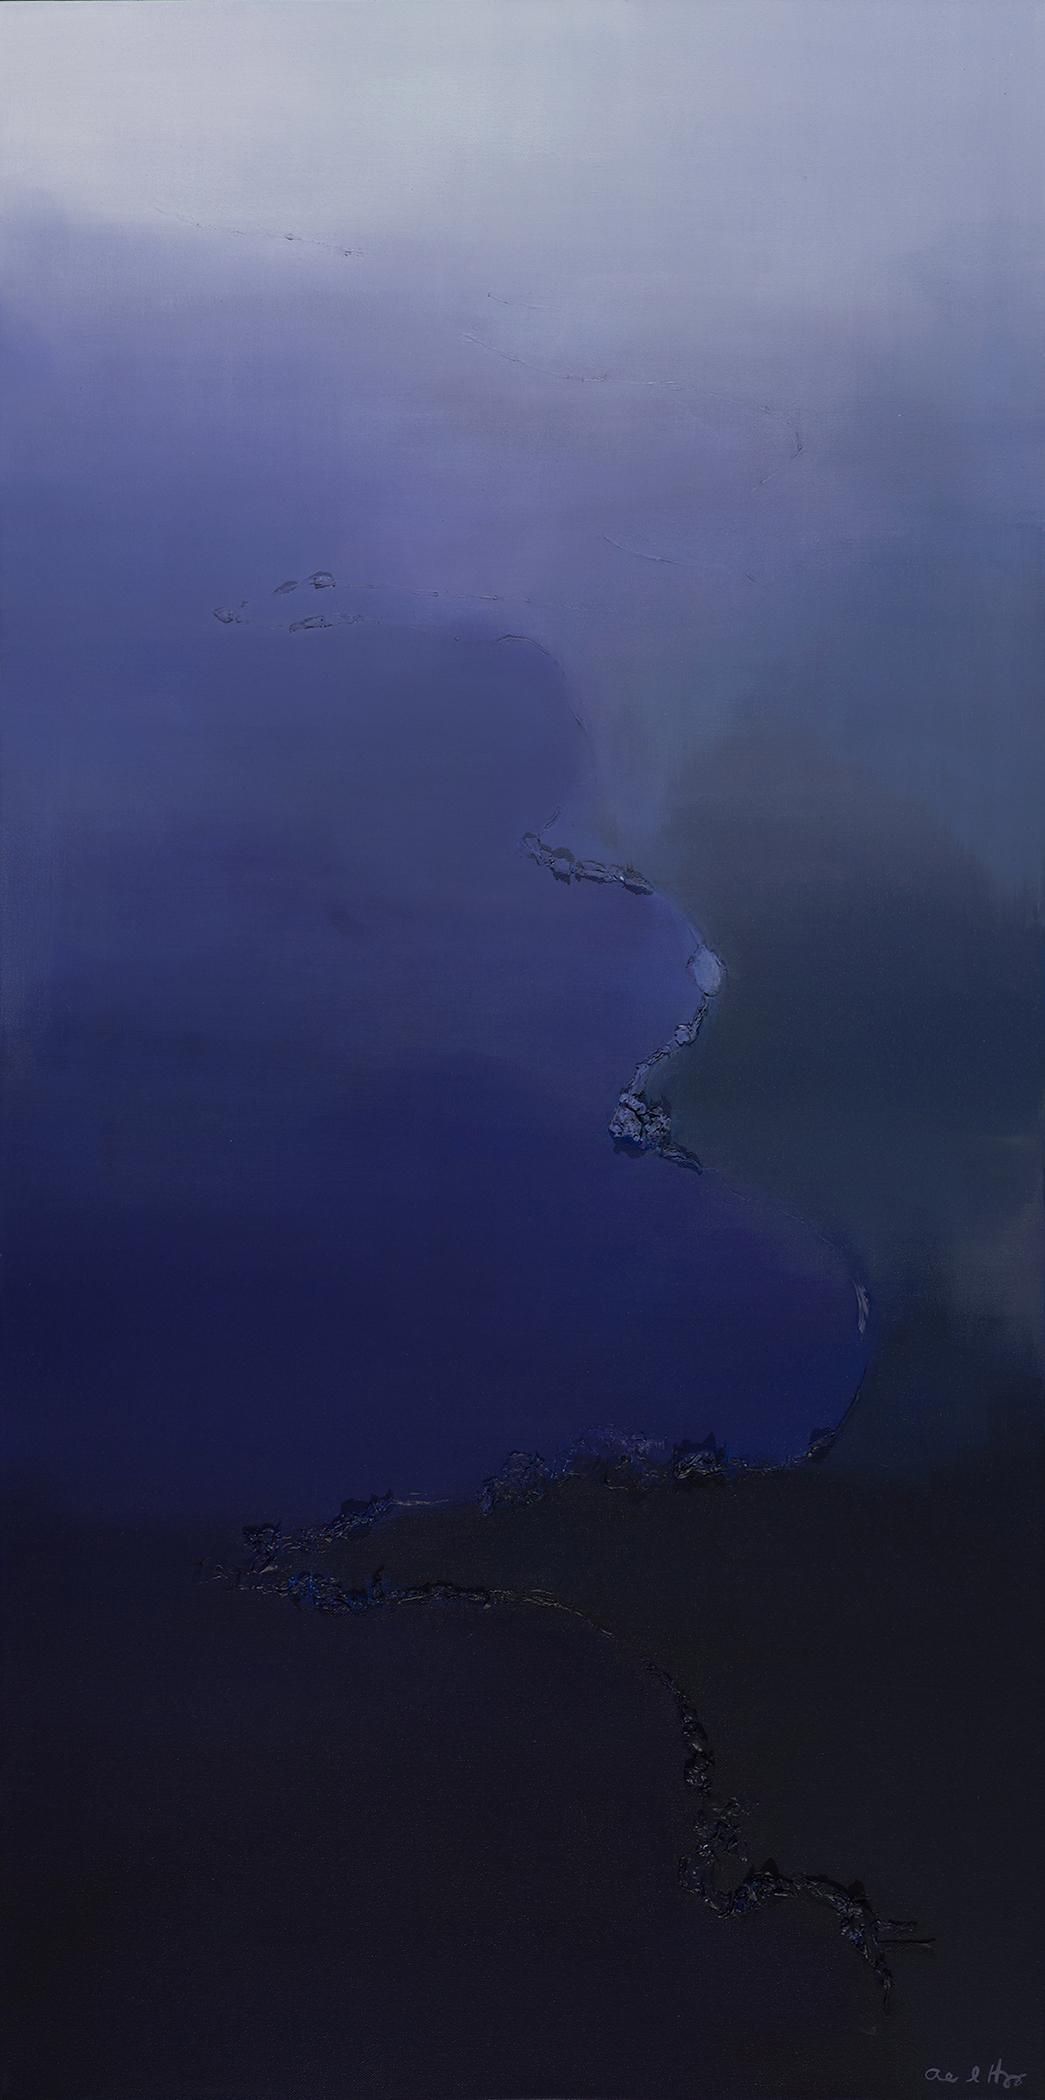 """Shoreline No. 3   acrylic on canvas  48"""" x 24""""  2015 (sold)"""